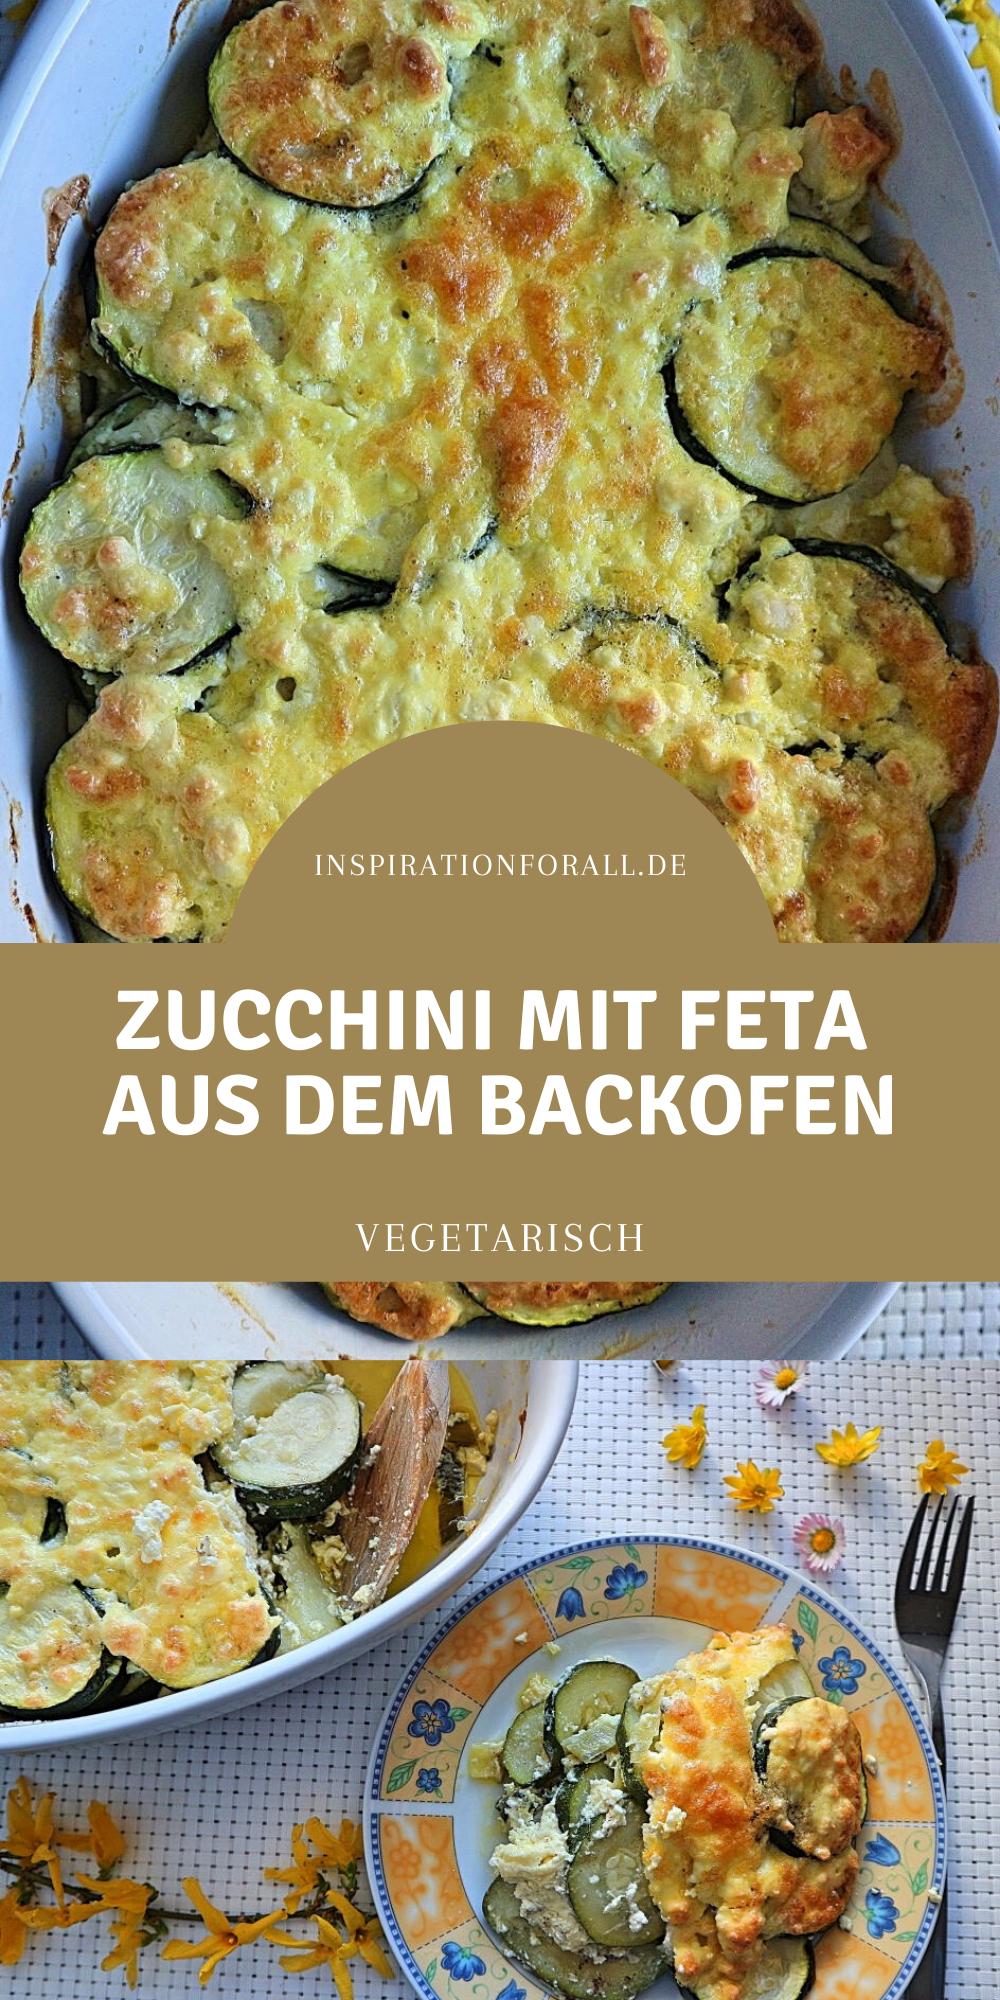 Vegetarischer Zucchini Auflauf mit Feta   einfaches Rezept für leckeren Zucchiniauflauf #ZucchiniAuflauf #ZucchiniAuflaufVegetarisch #ZucchiniAuflaufMitFeta #ZucchiniAuflaufRezept